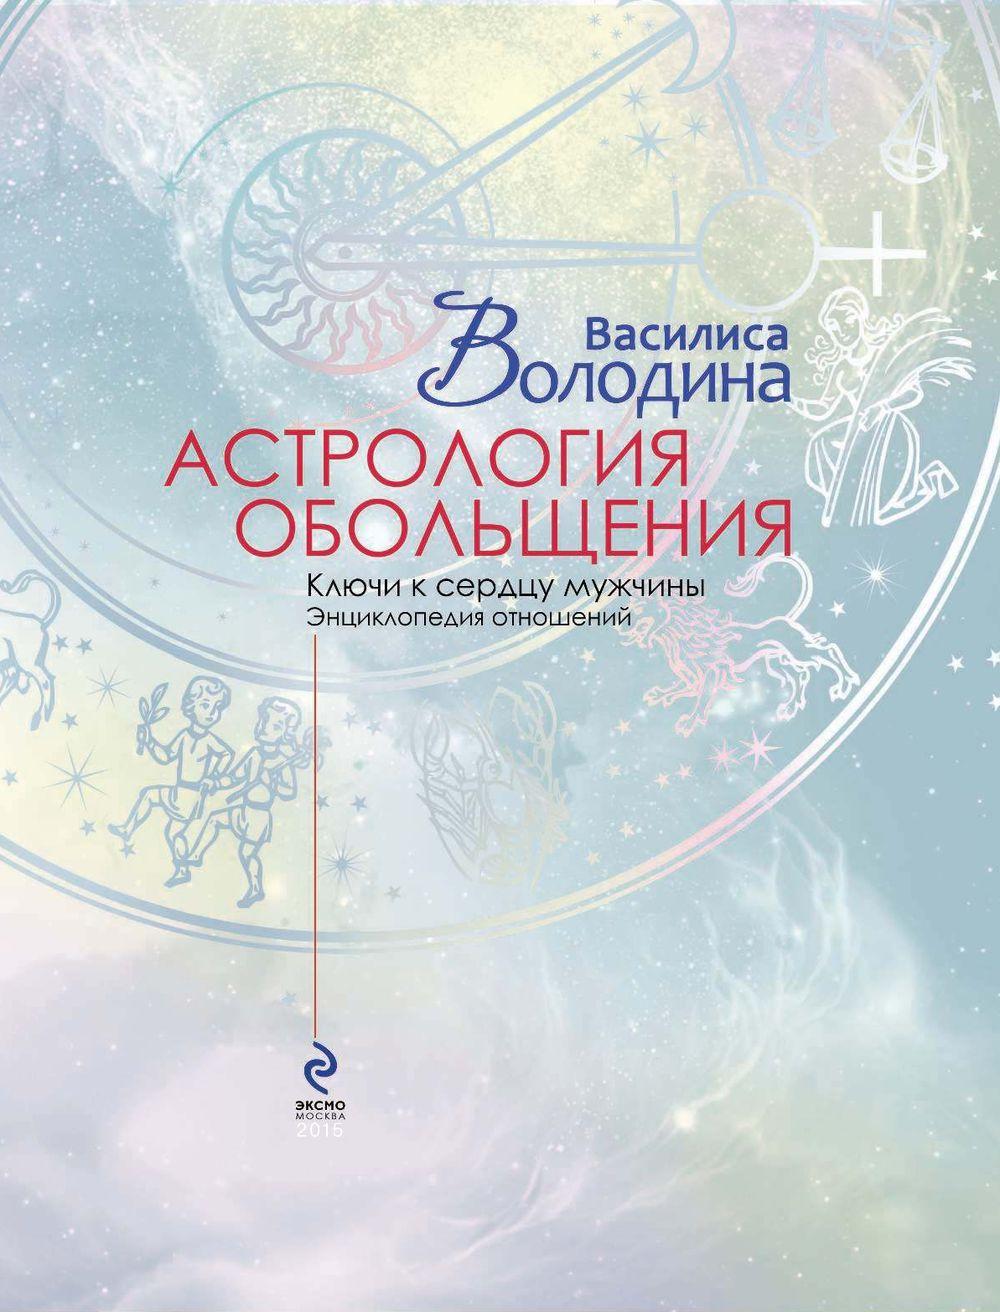 Володина василиса книга астрология обольщения скачать бесплатно